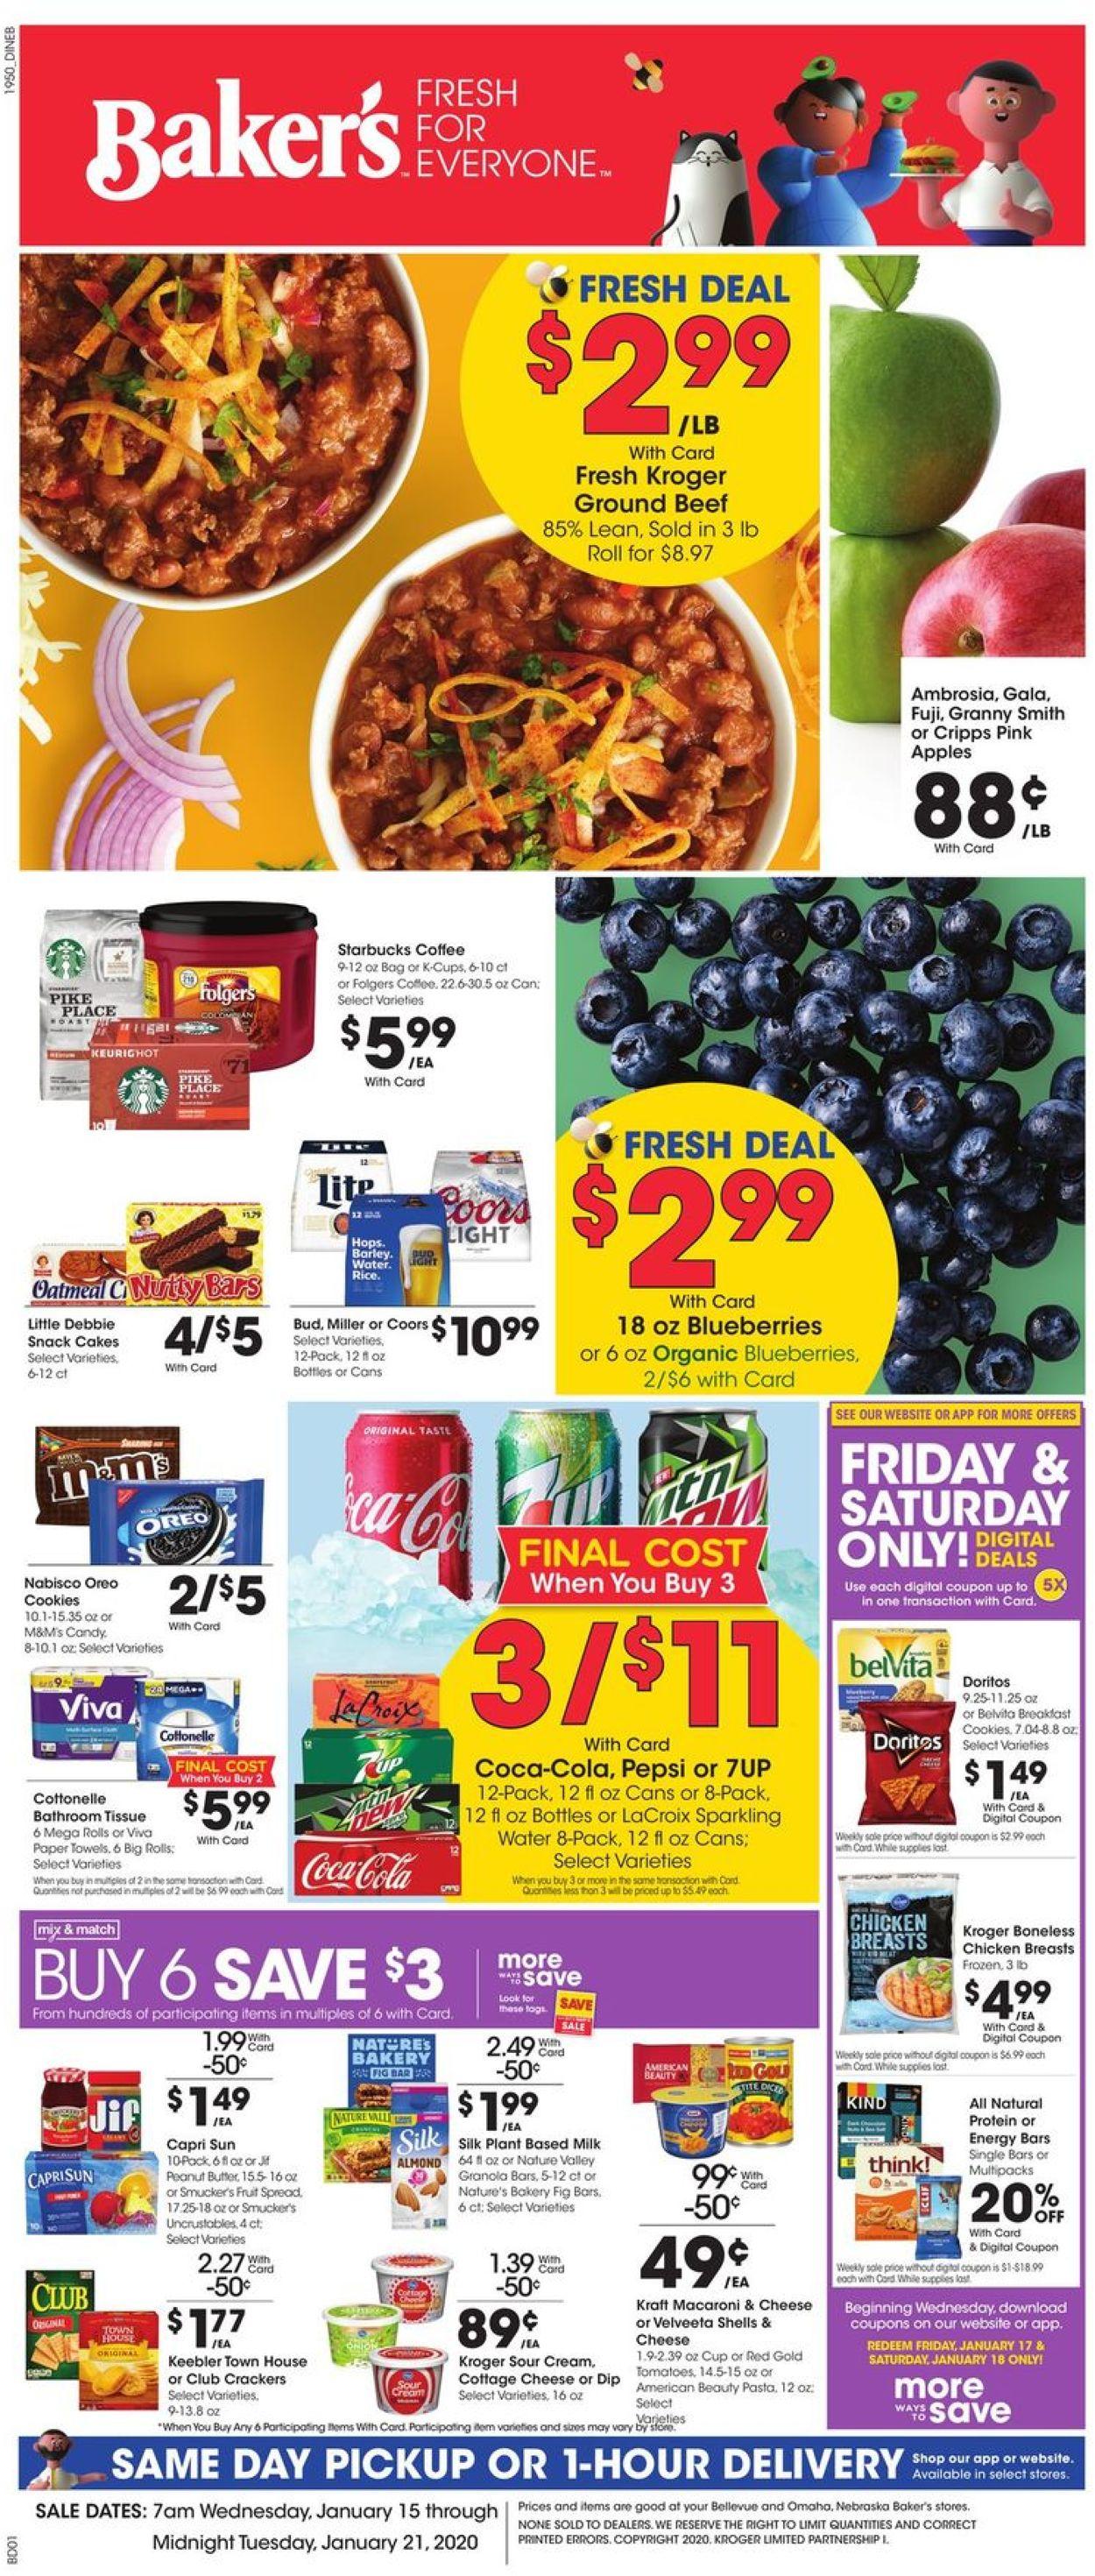 Baker's Weekly Ad Circular - valid 01/15-01/21/2020